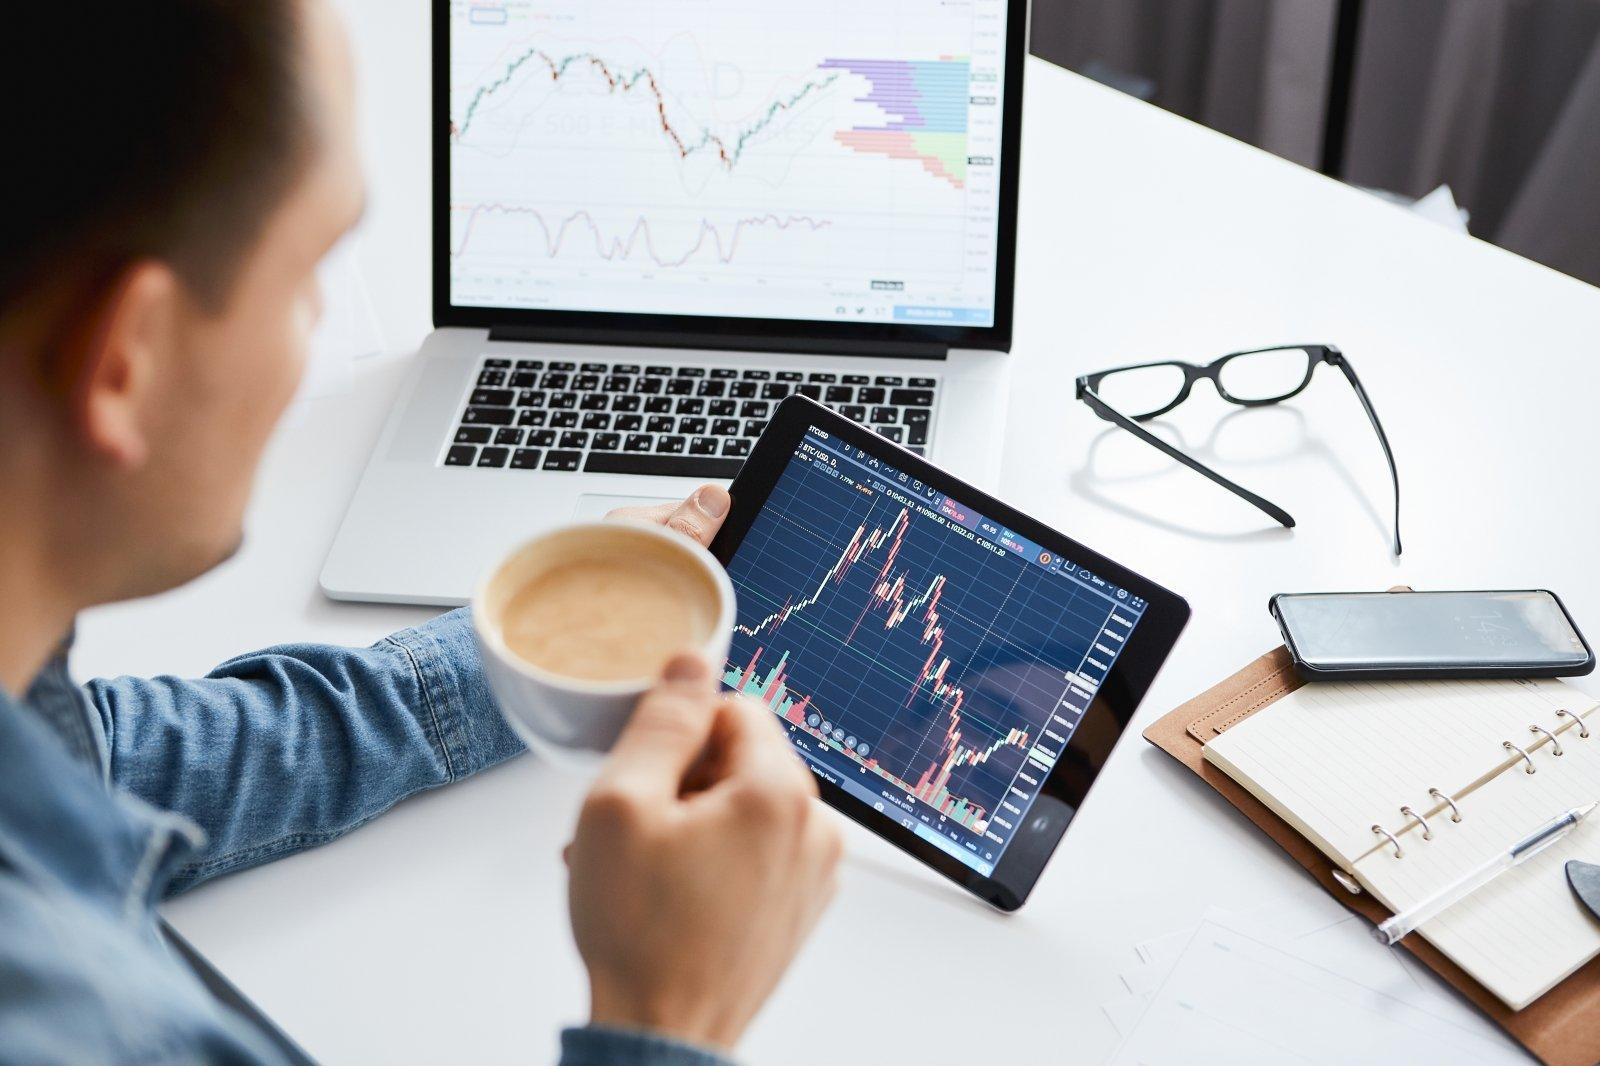 """""""Biržos laikmatis"""": akcijų rinkoje nauji rekordai, """"Bitcoin'o"""" kaina kyla toliau - DELFI Verslas"""